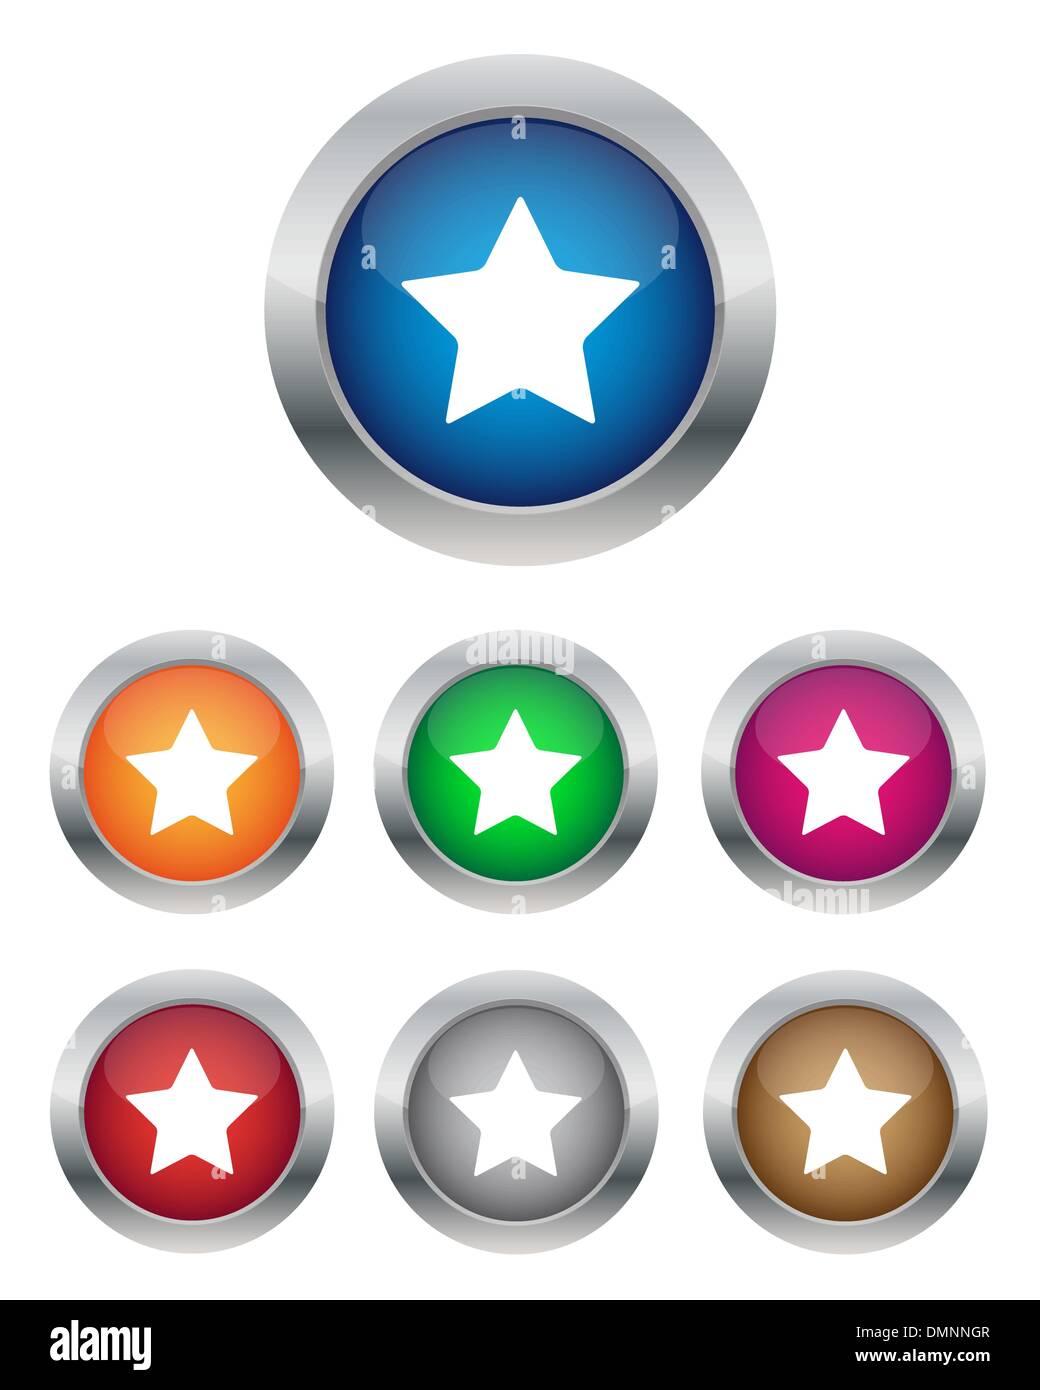 Sterne buttons Stockbild